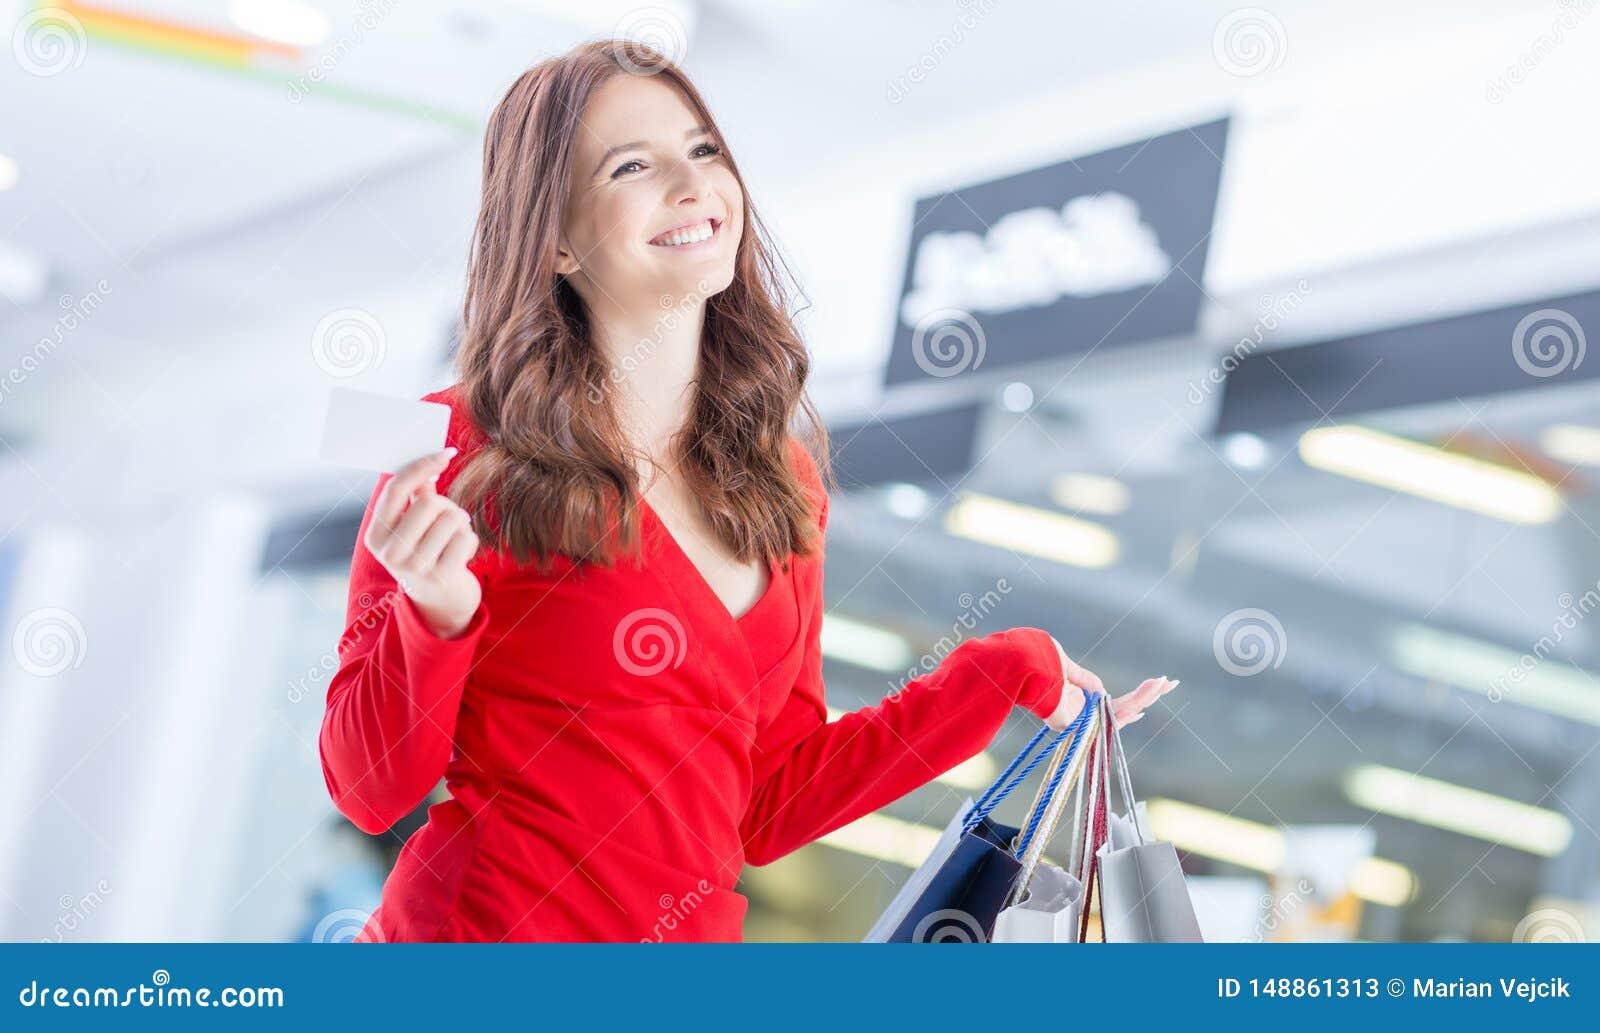 Sch?ne gl?ckliche Frau mit Kreditkarte und Einkaufstaschen im Einkaufszentrum